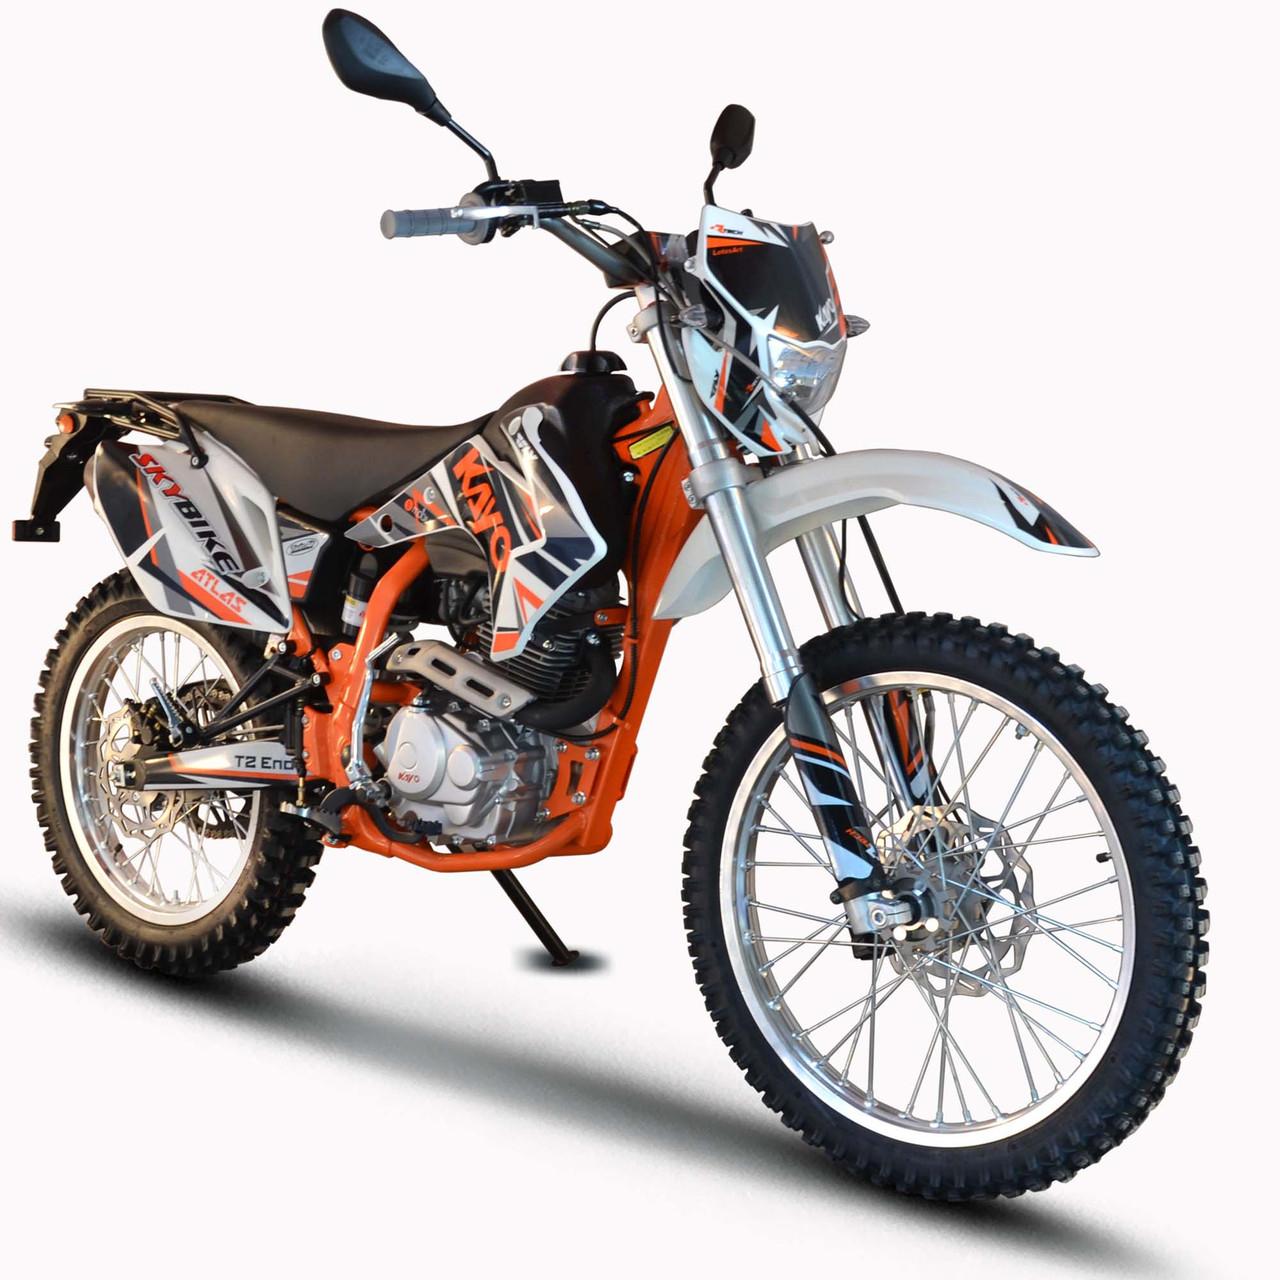 Мотоцикл KAYO T2-250 Белый, фото 1